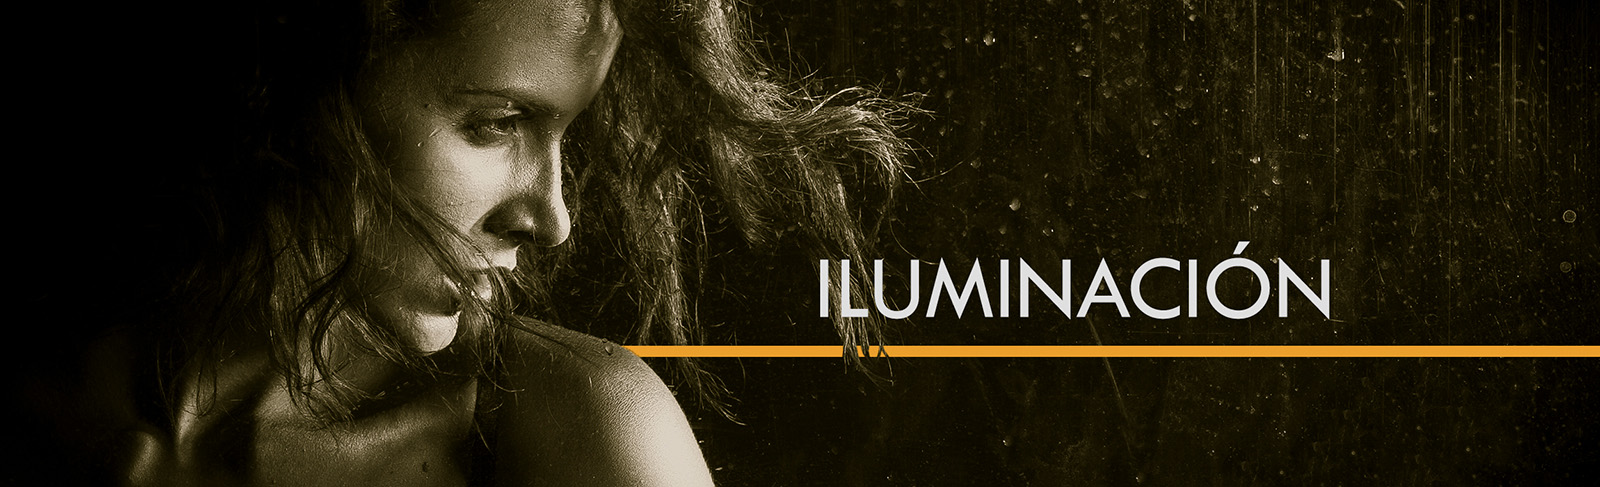 curso de iluminación fotografía